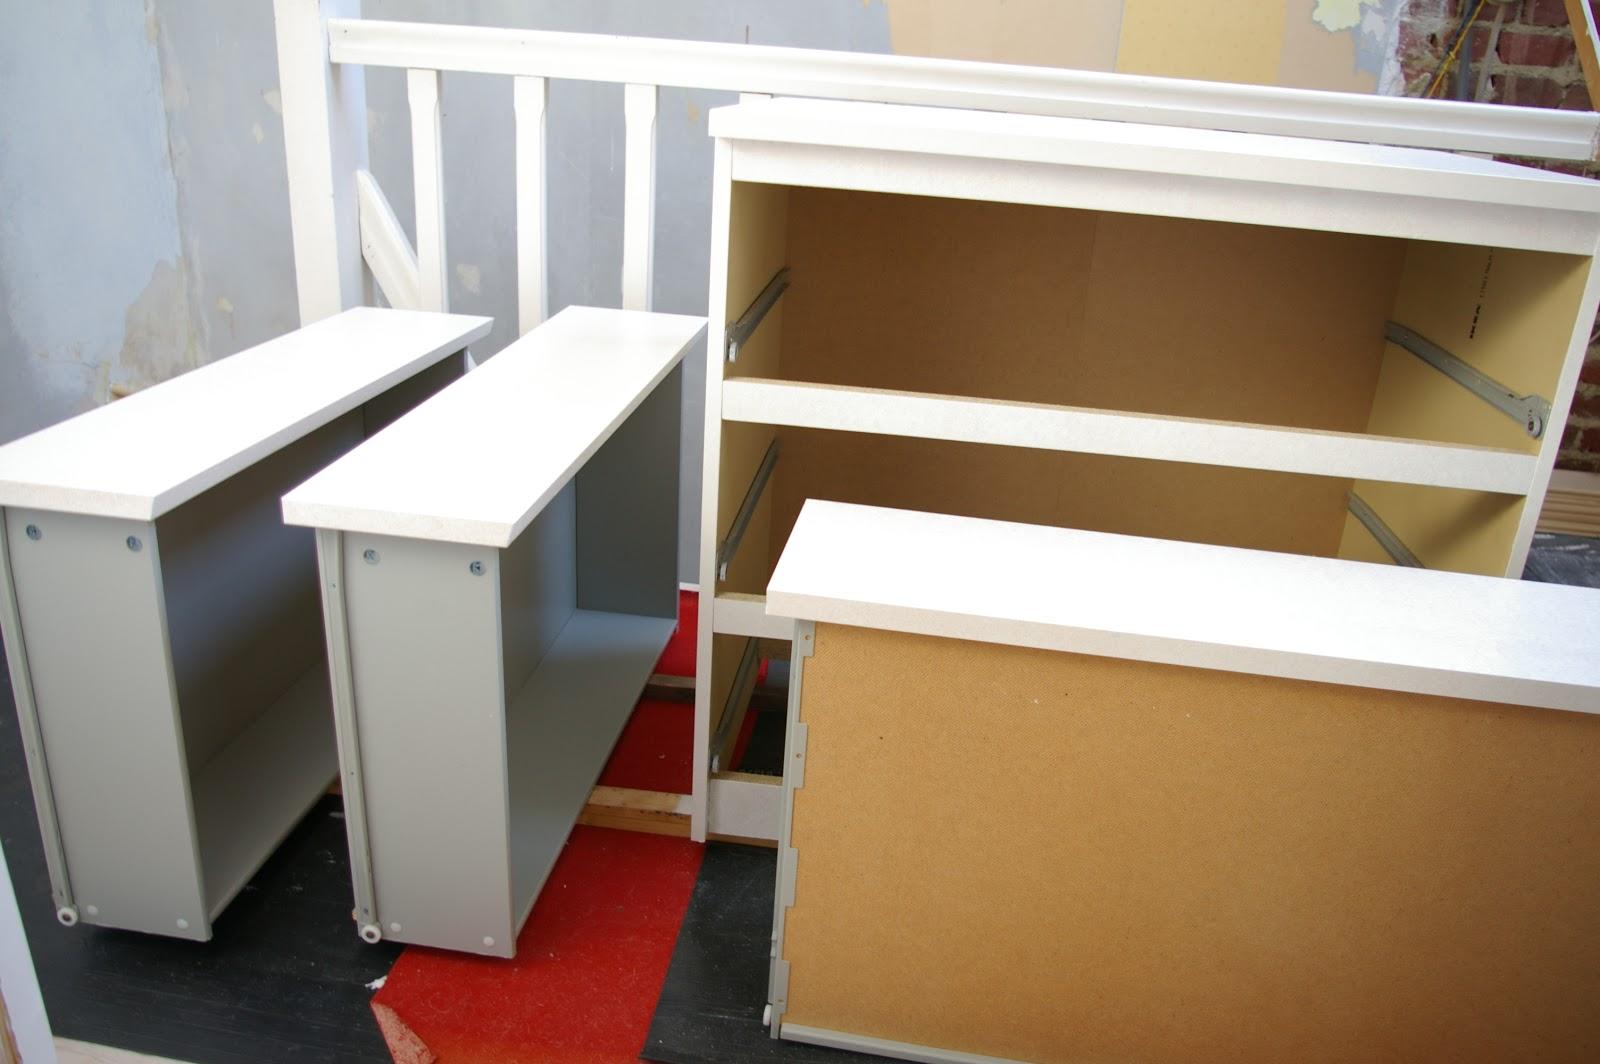 Diy peindre des meubles en m lamin s for Peindre meuble stratifie